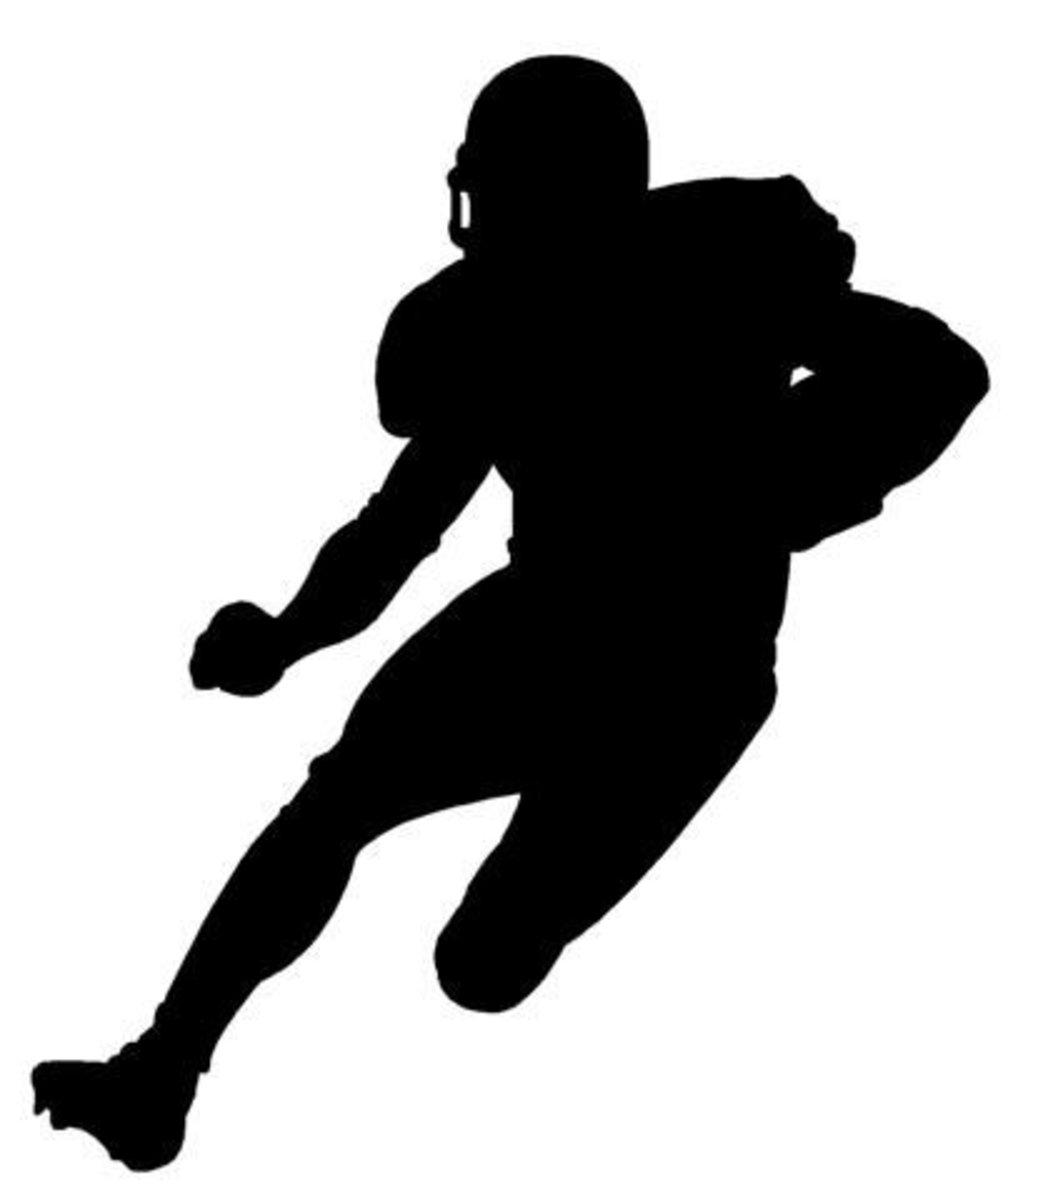 running backs in the NFL